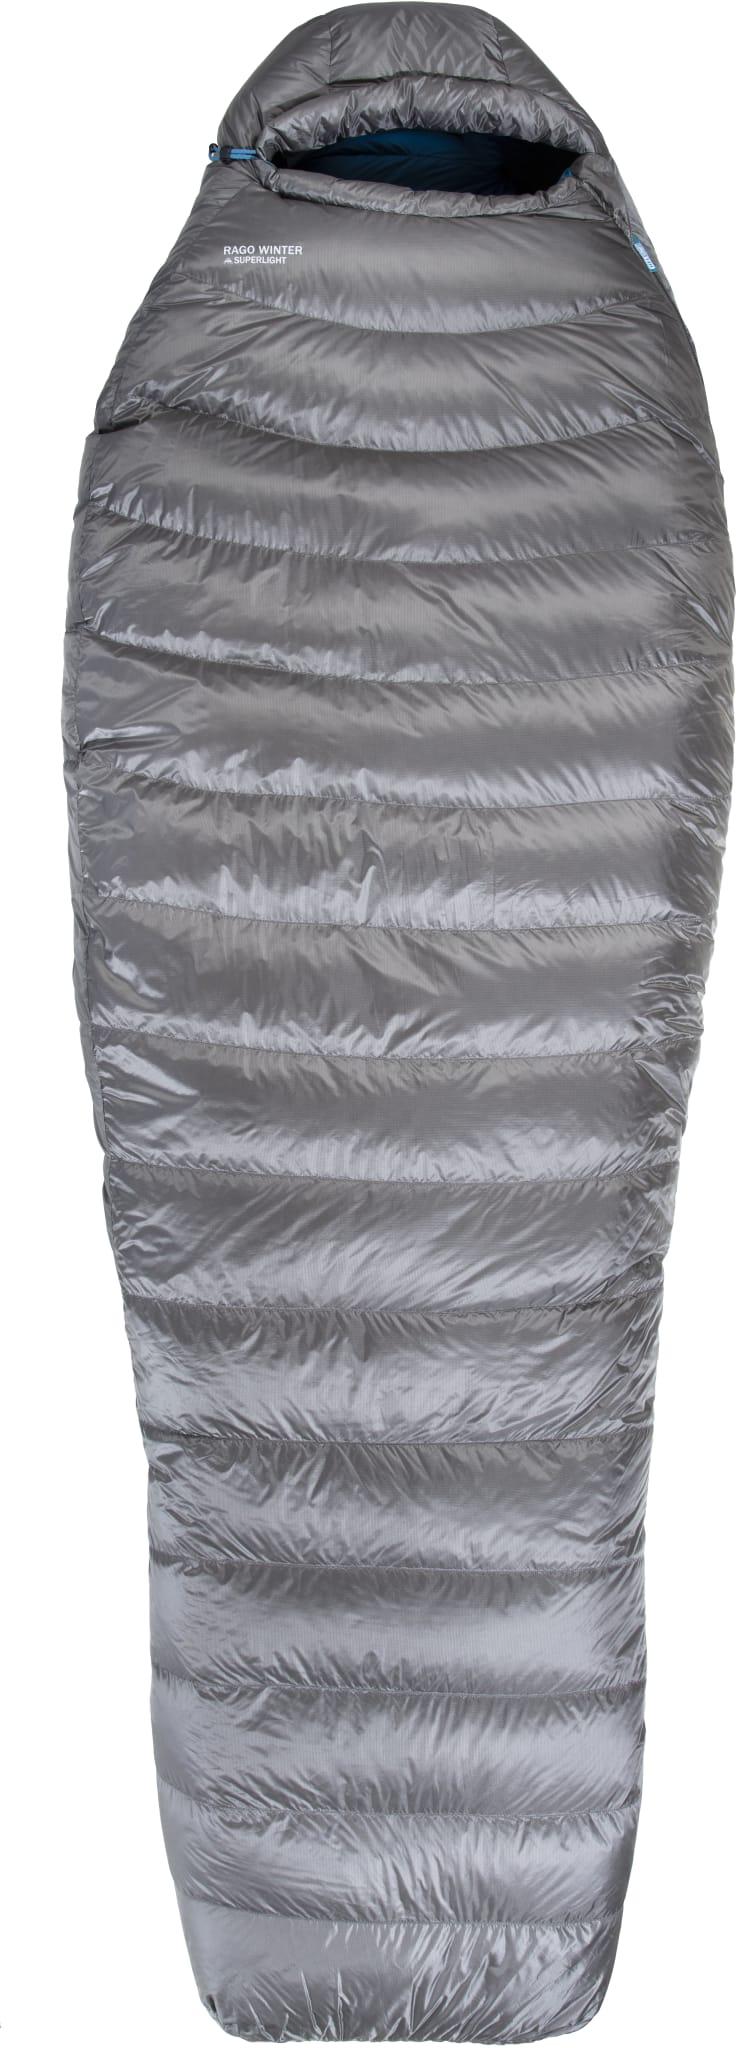 Lett tresesongers sovepose med dun